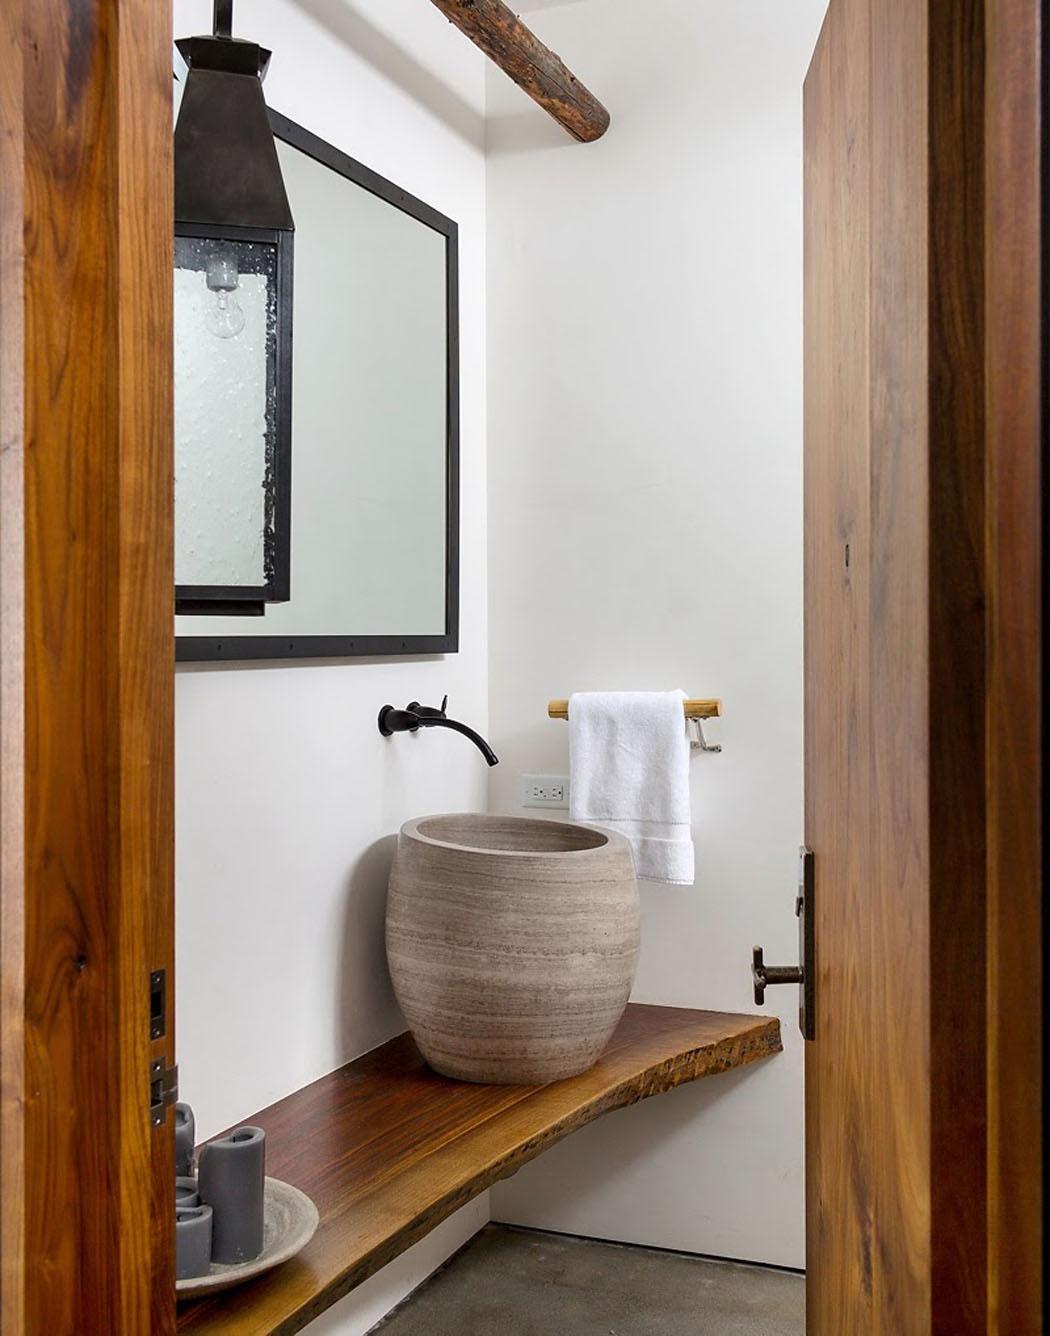 Une maison rustique modernis e dans l esprit clectique for Toilettes design maison